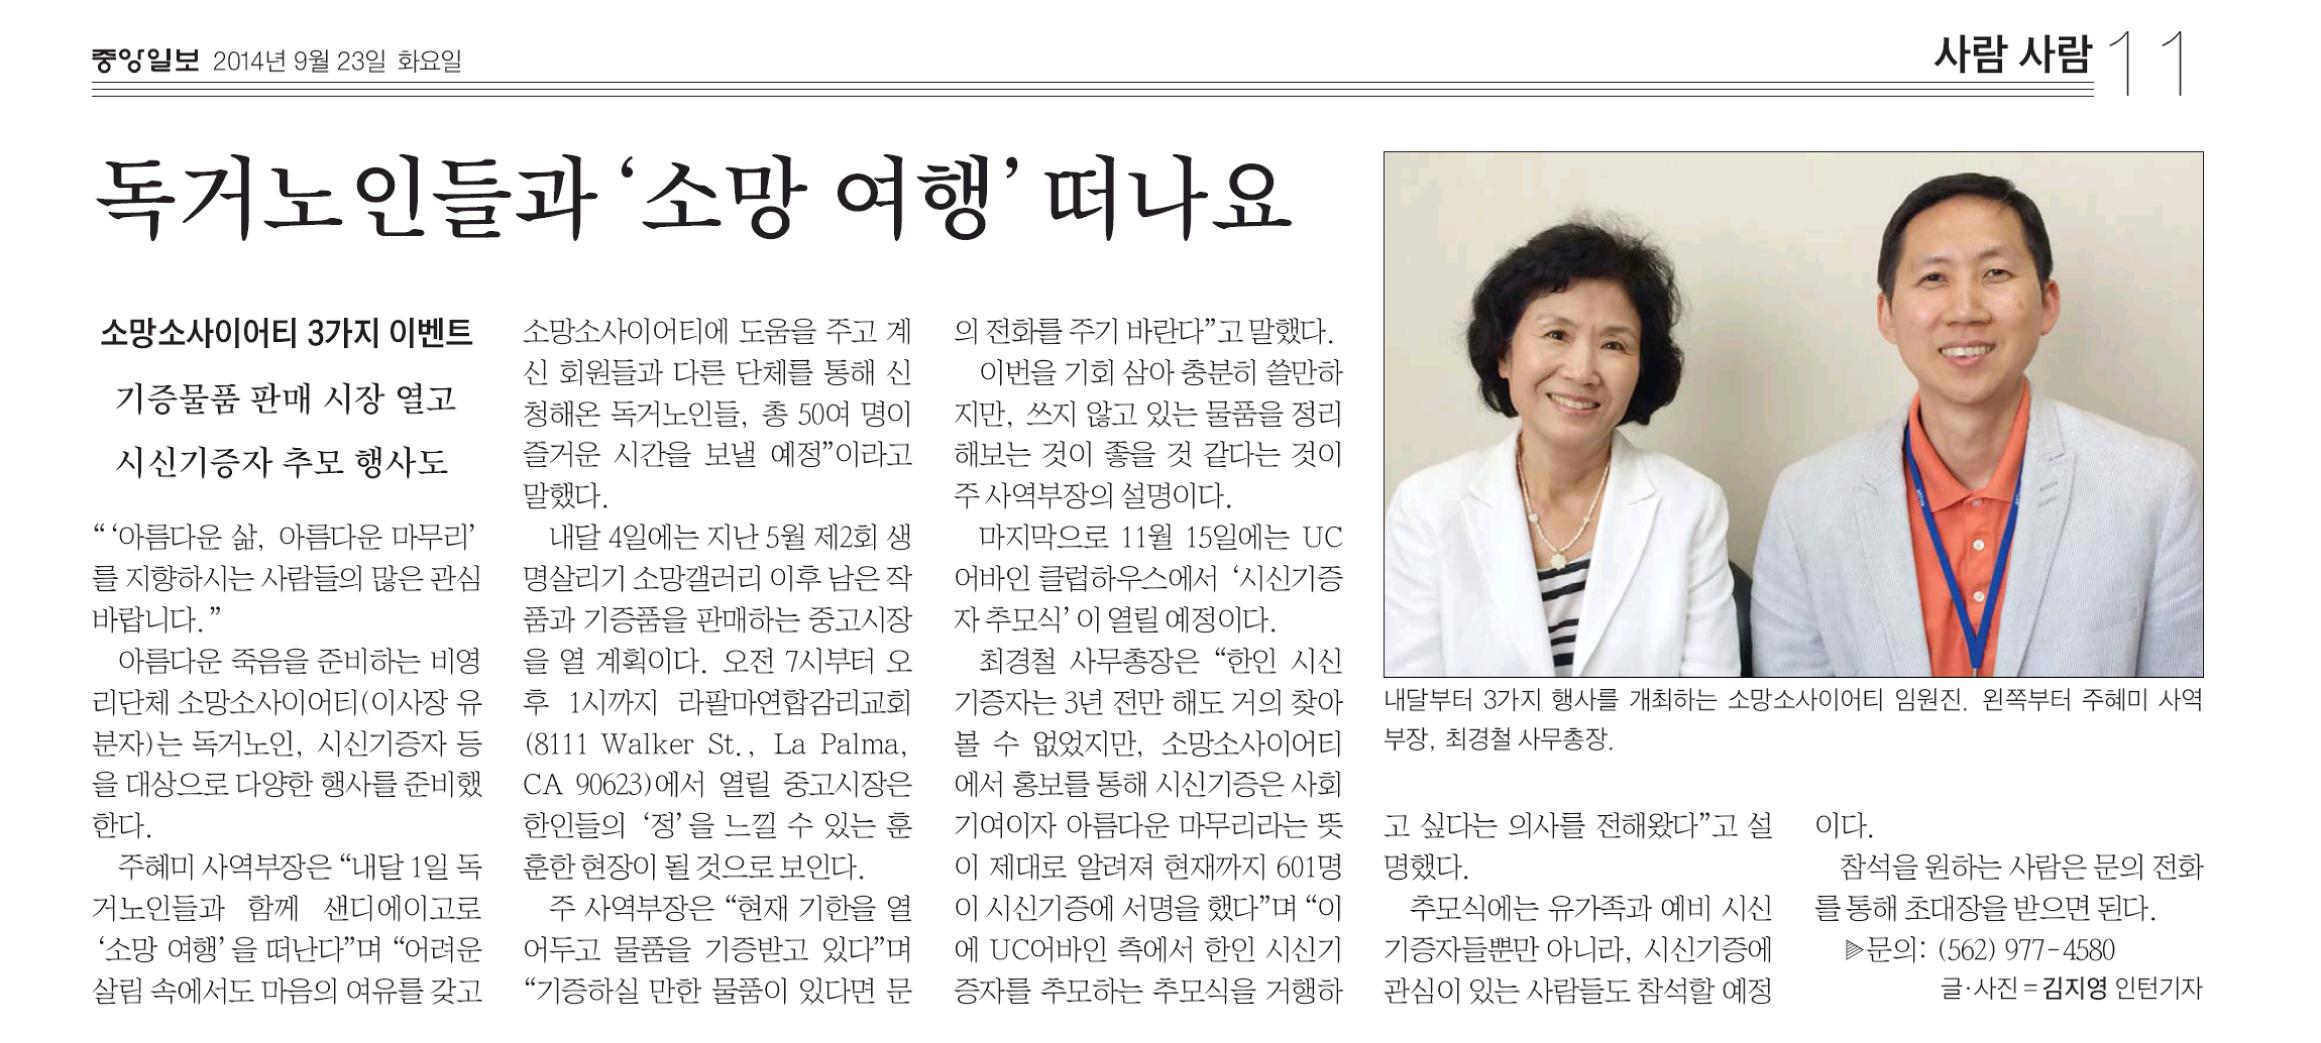 """""""독거노인들과 '소망 여행' 떠나요"""" 2014년 9월 23일 중앙일보"""